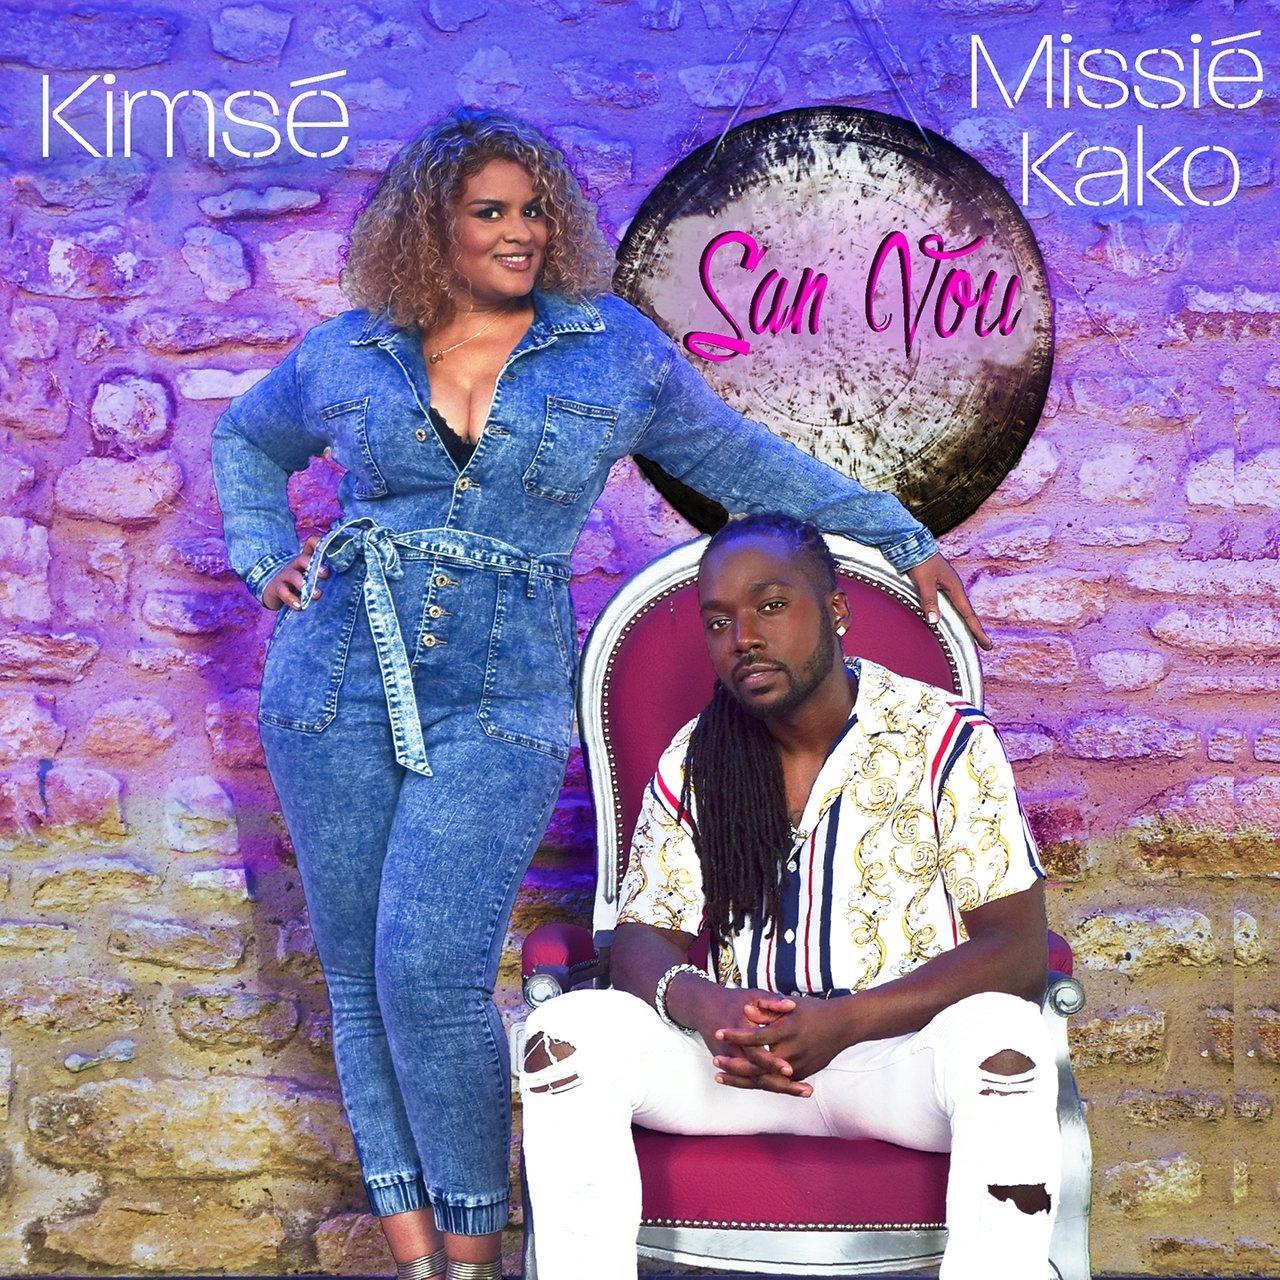 Kimsé - San Vou (ft. Missié Kako) (Cover)